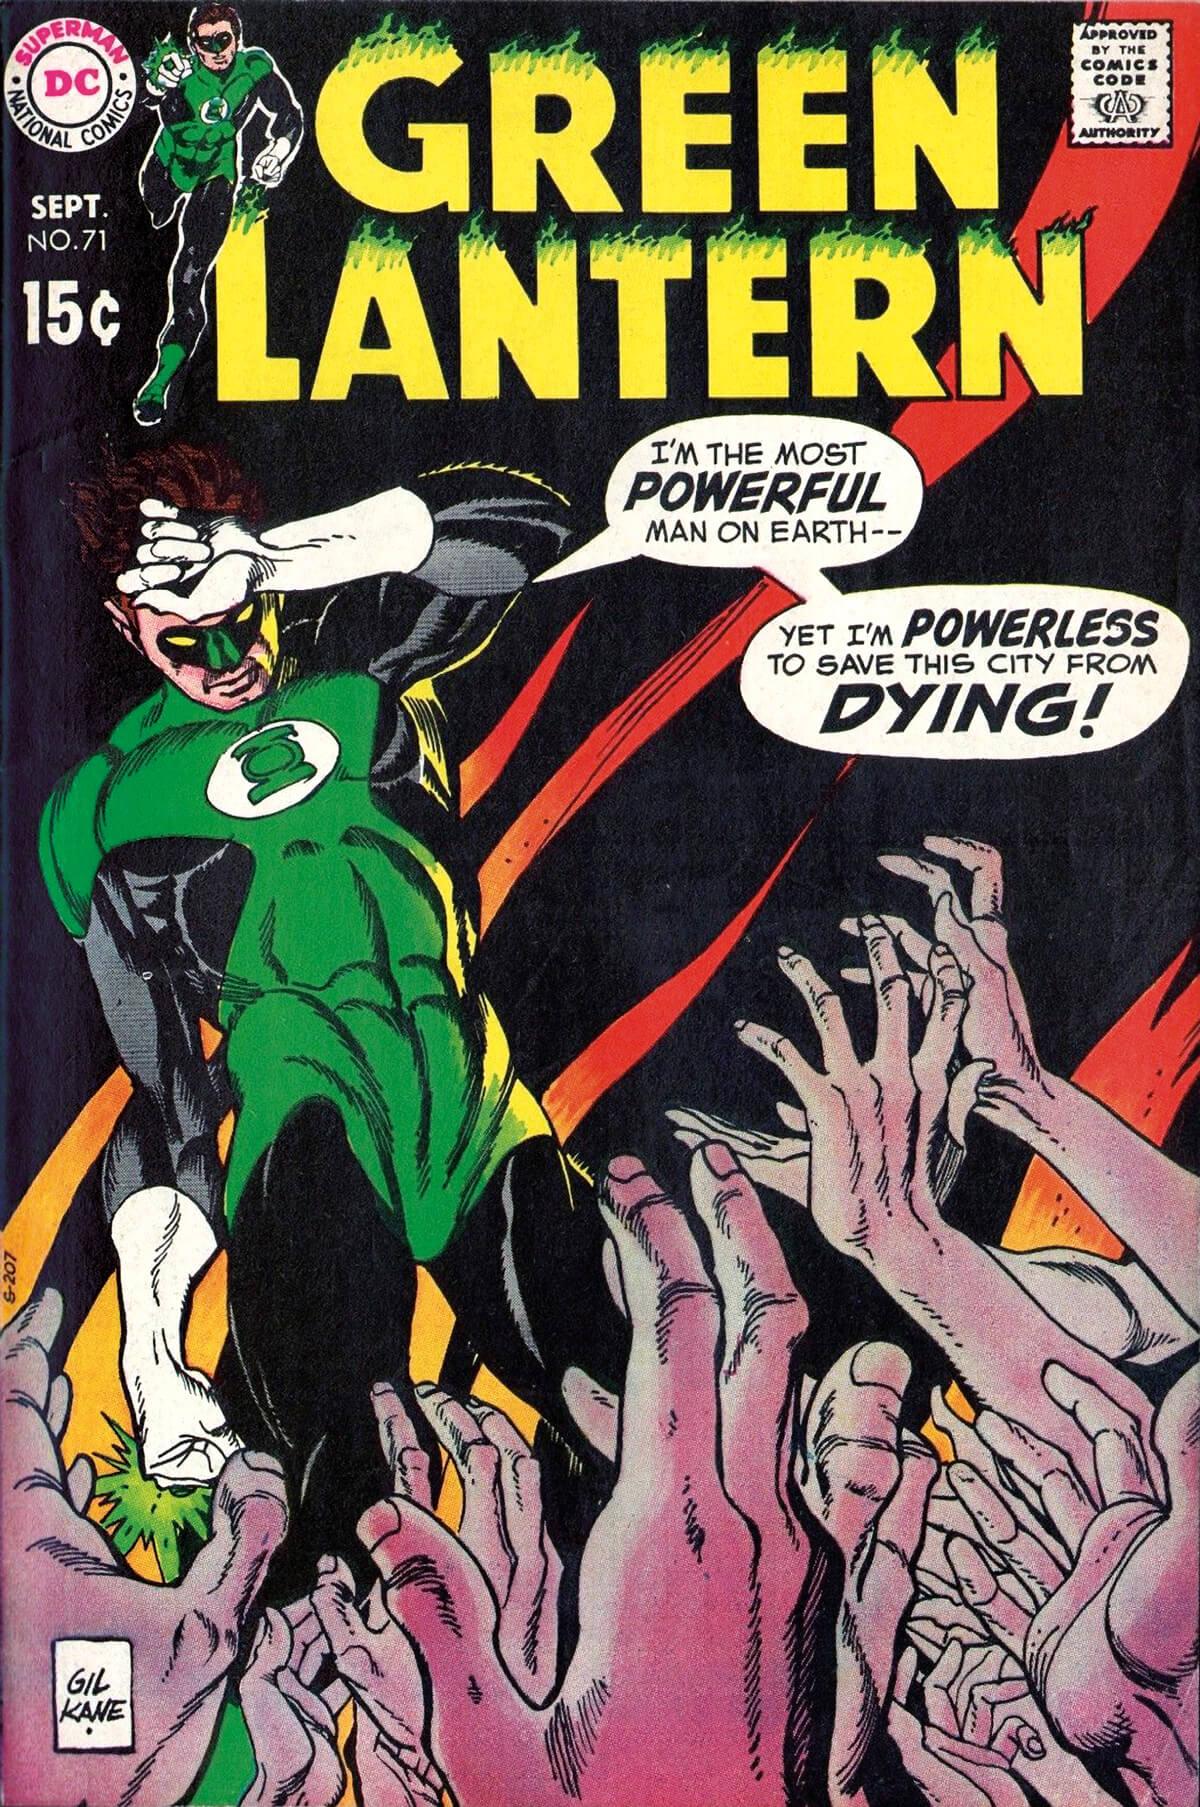 Green Lantern 71 Cover by Gil Kane